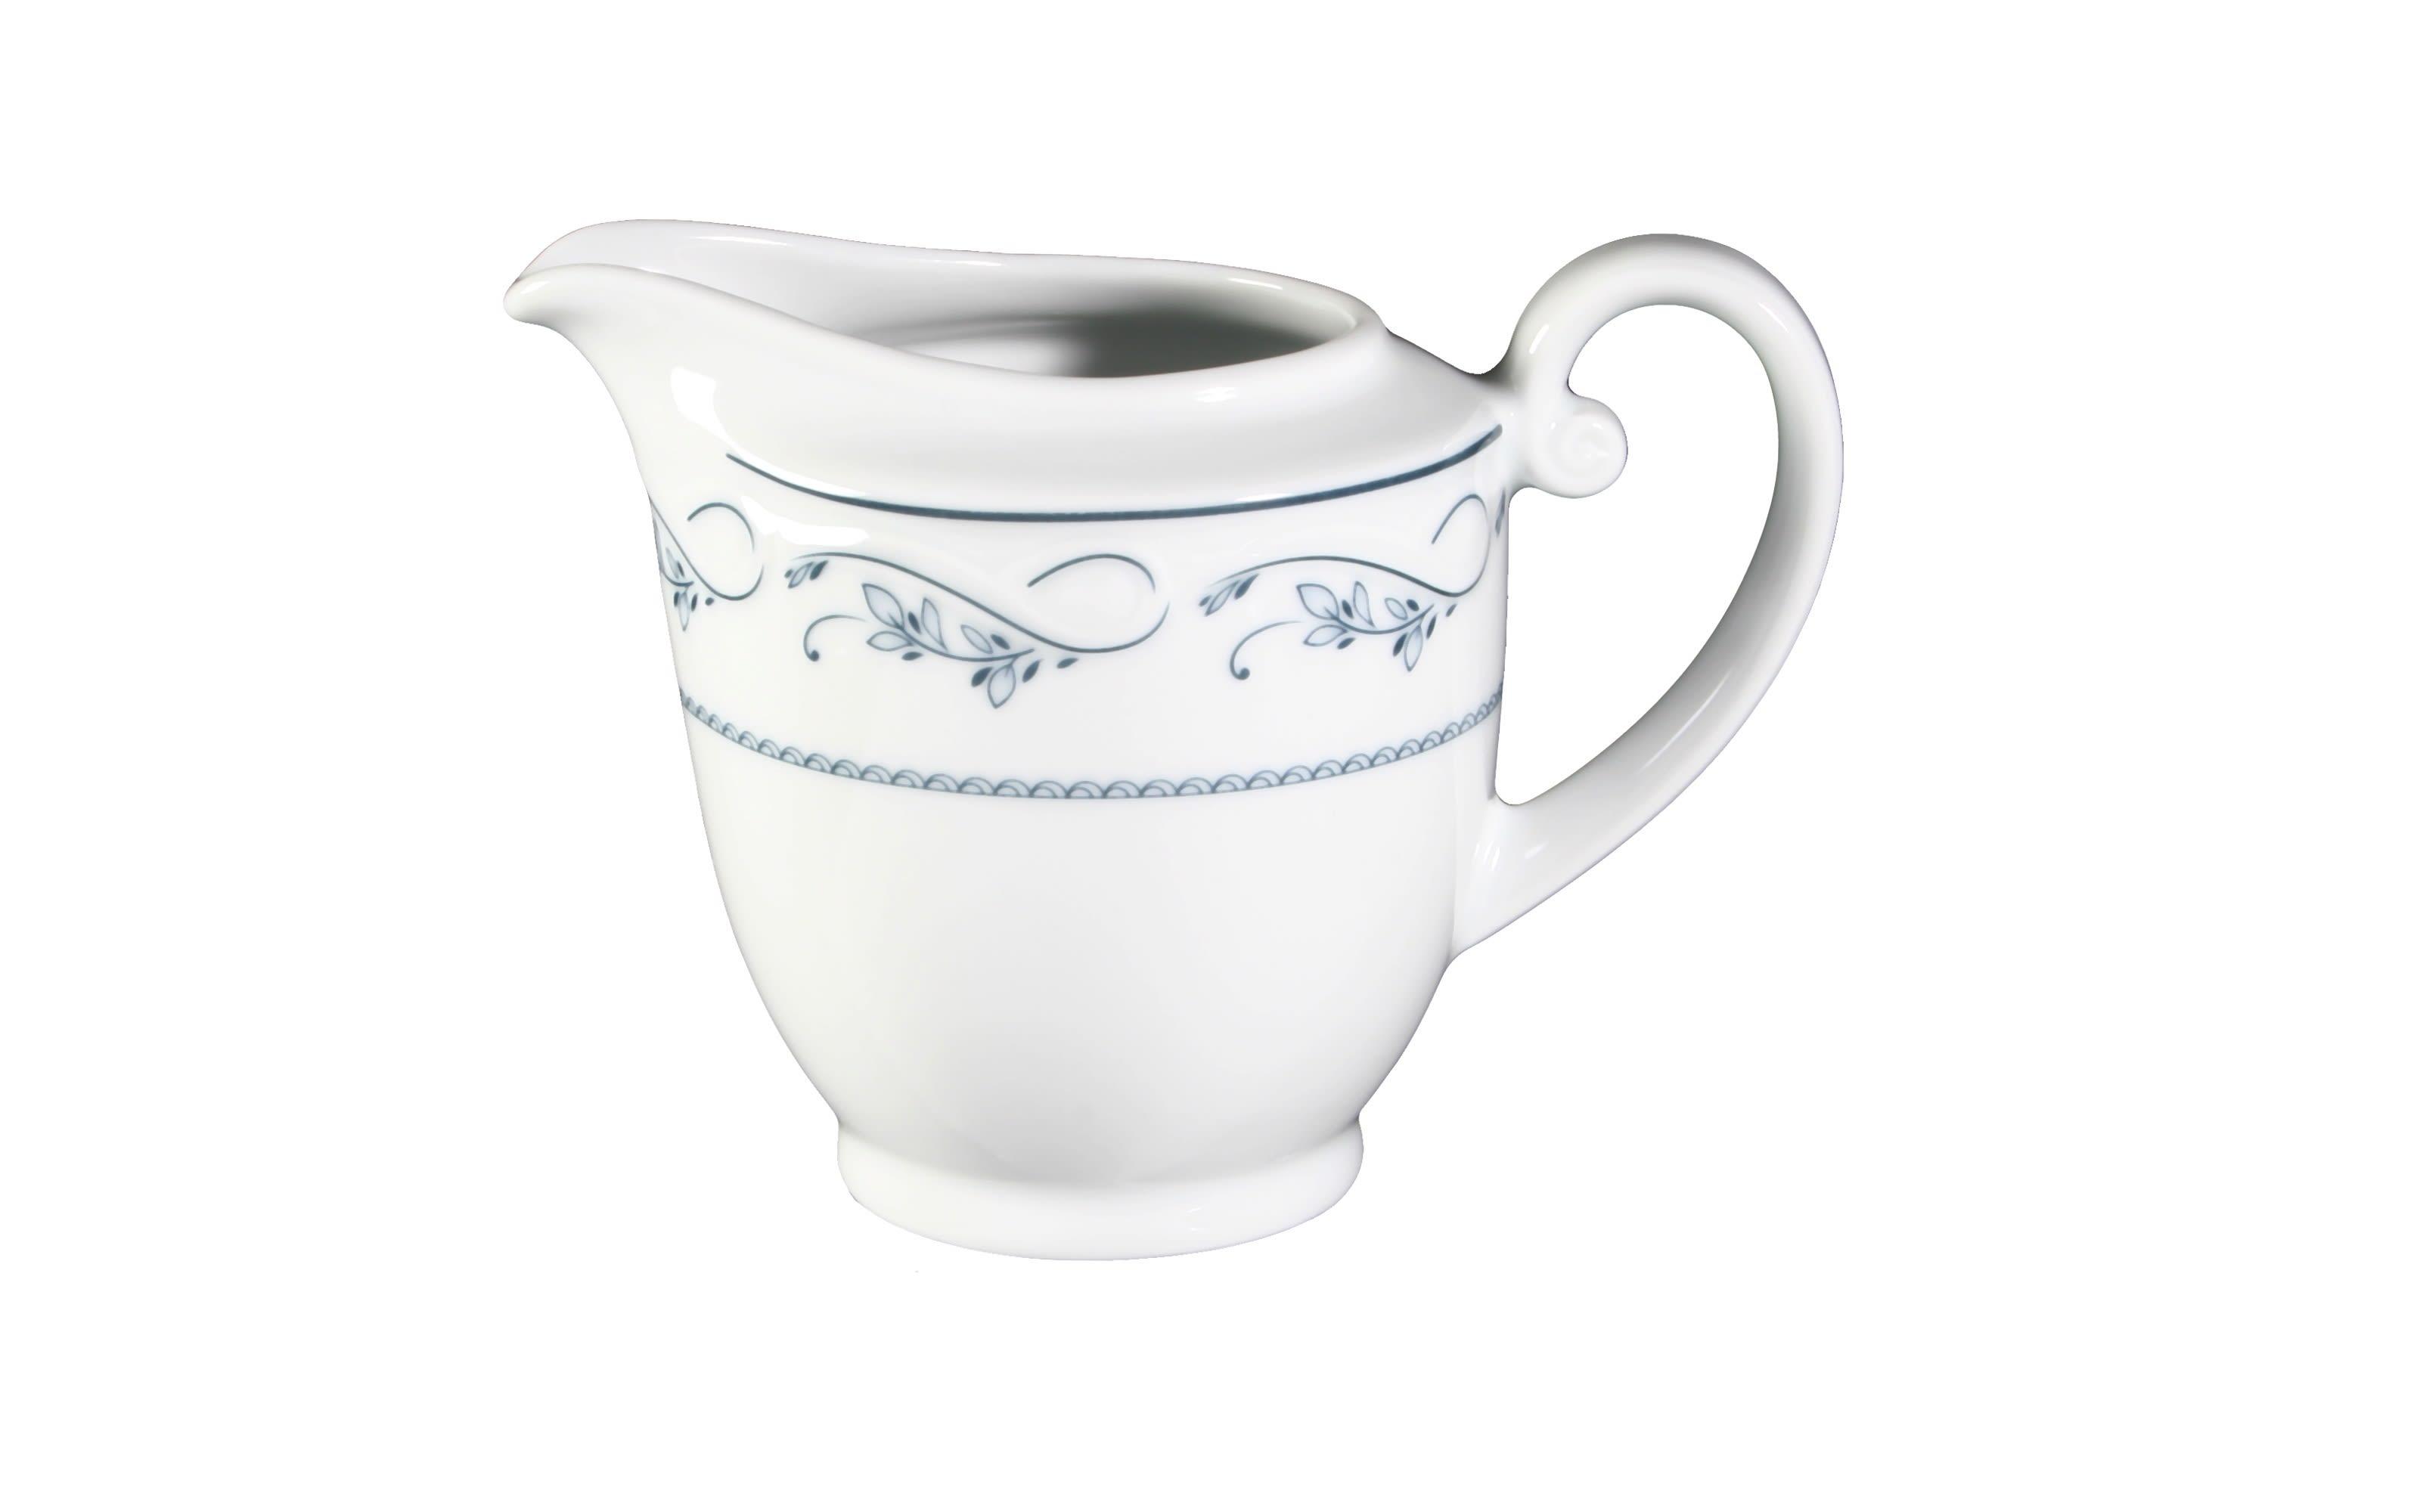 Milchkännchen Desiree Aalborg in weiß, 0,2 l